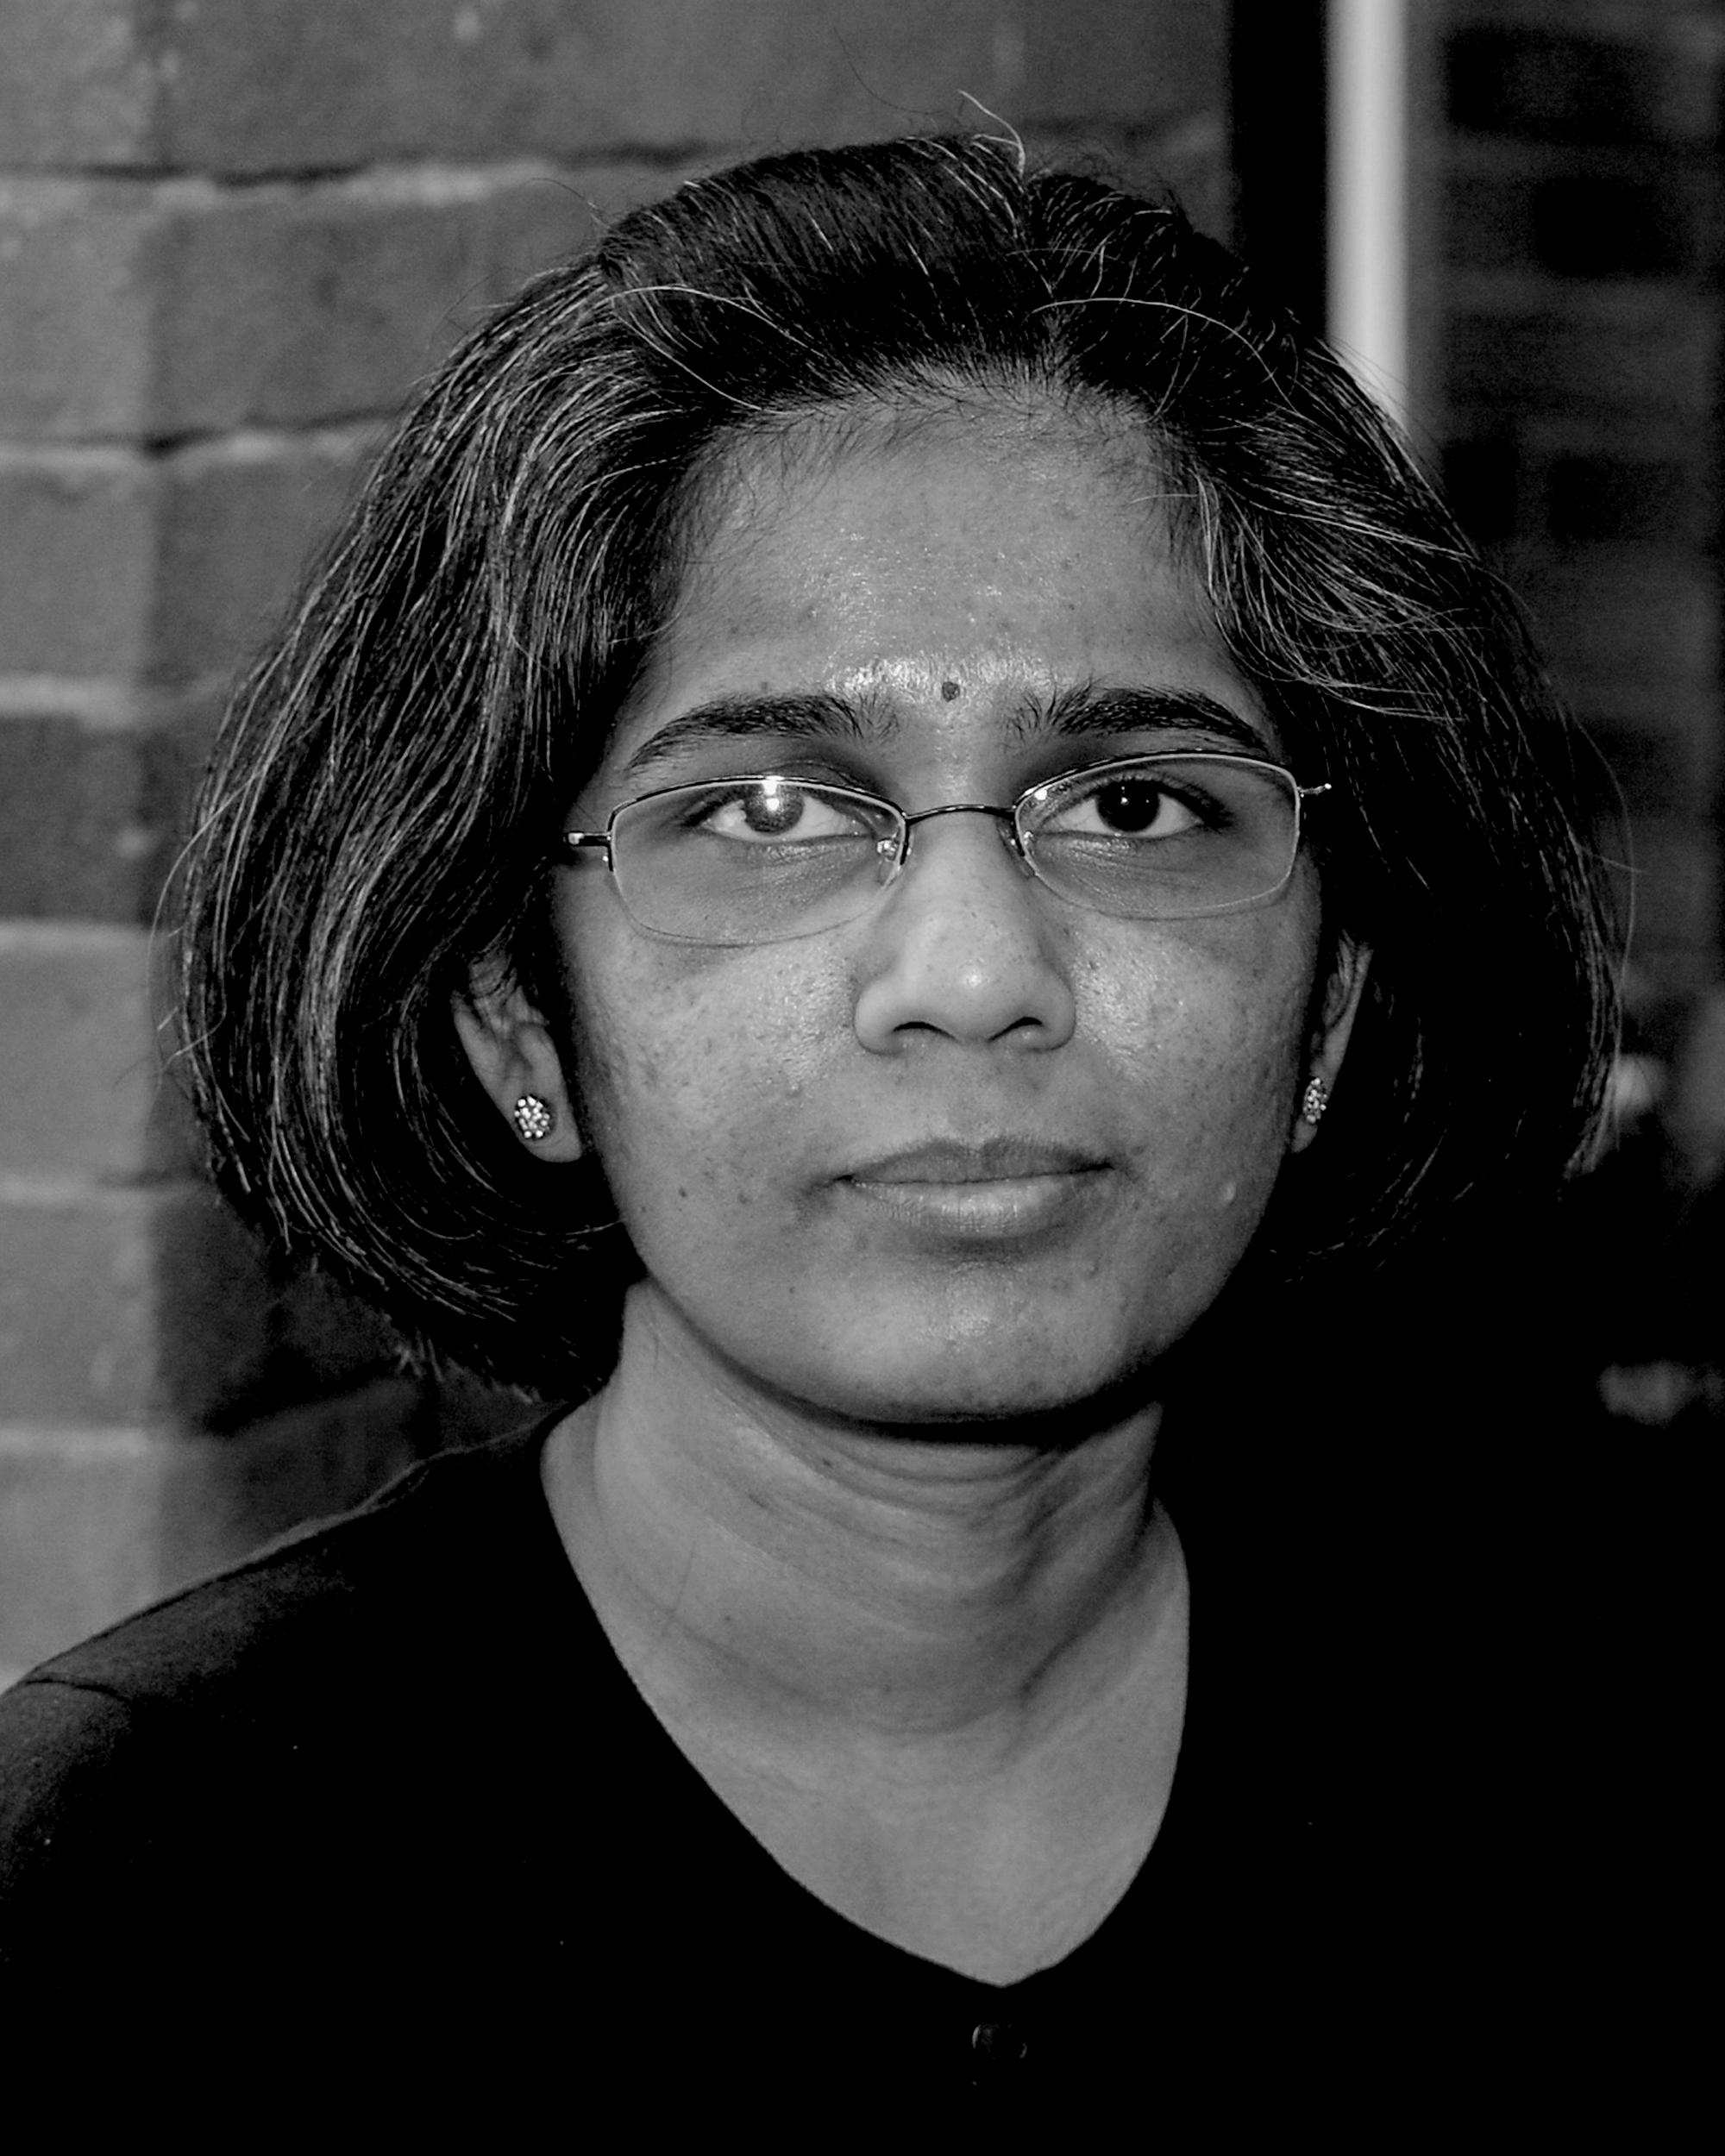 Headshot of Padmabala Venugopal